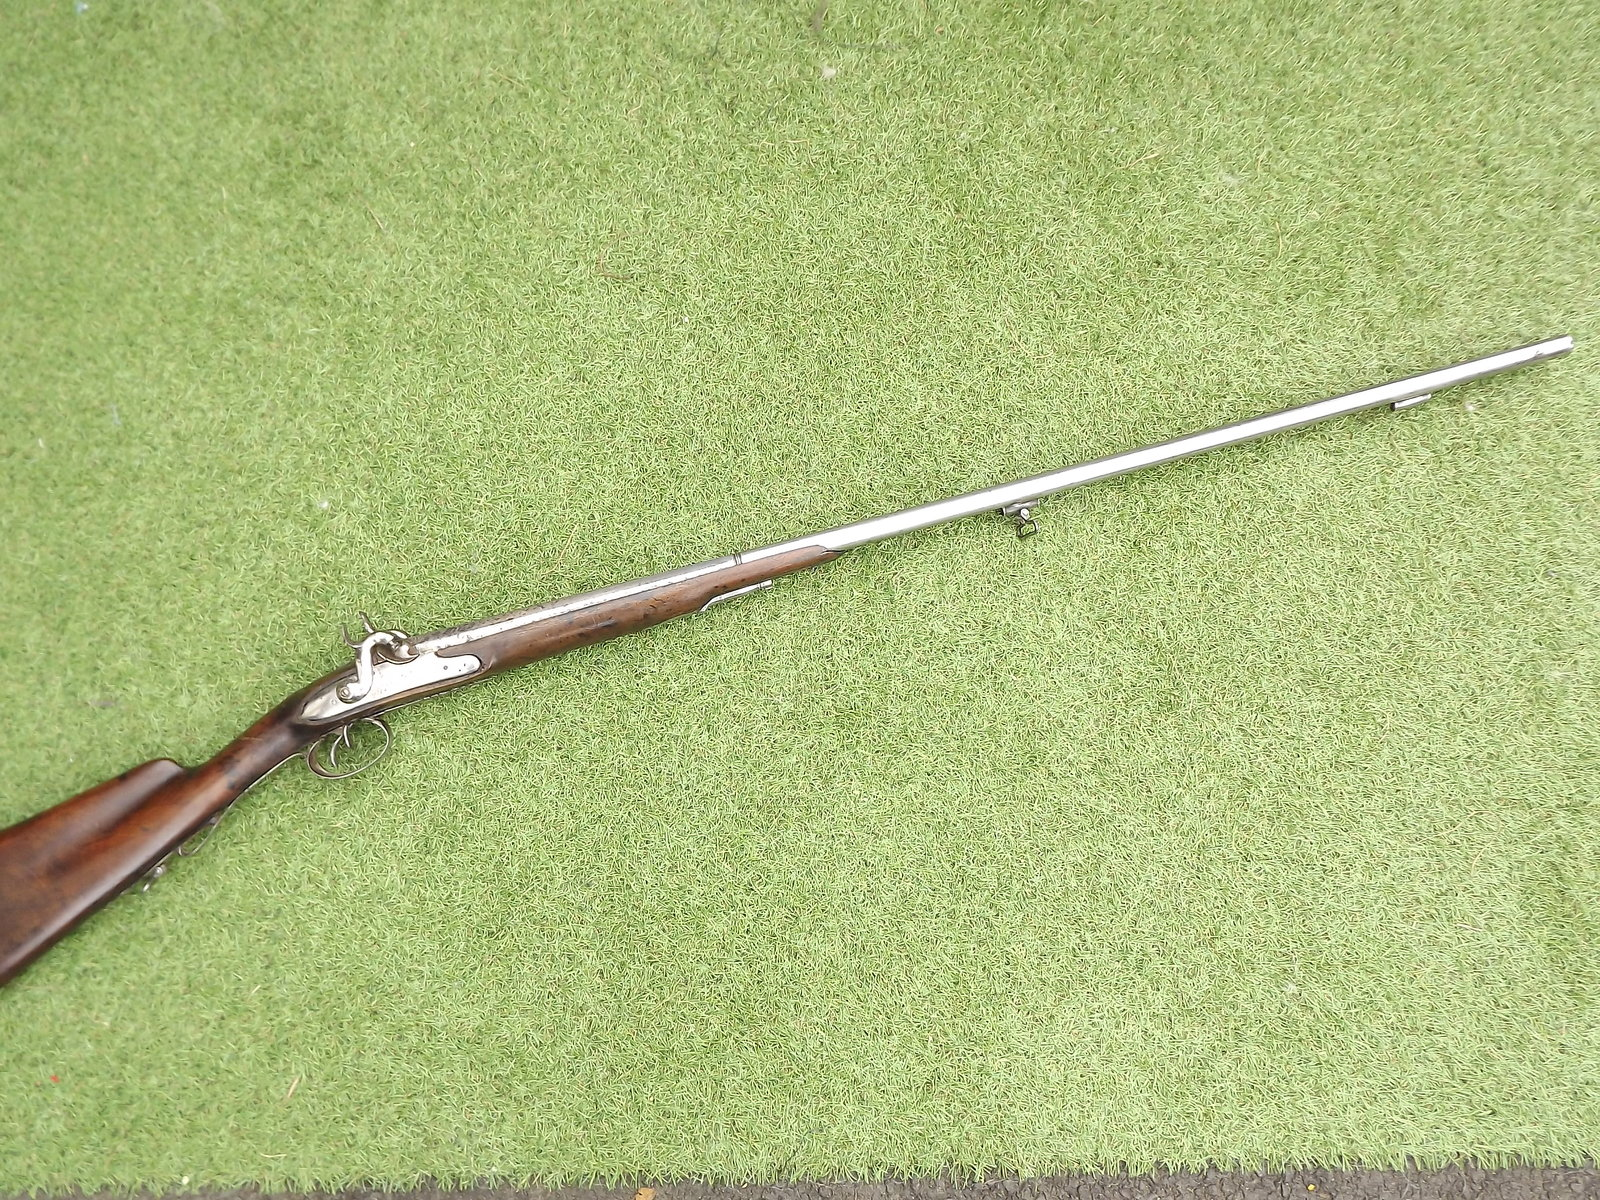 Fusil type Voltigeur 200920111846593021